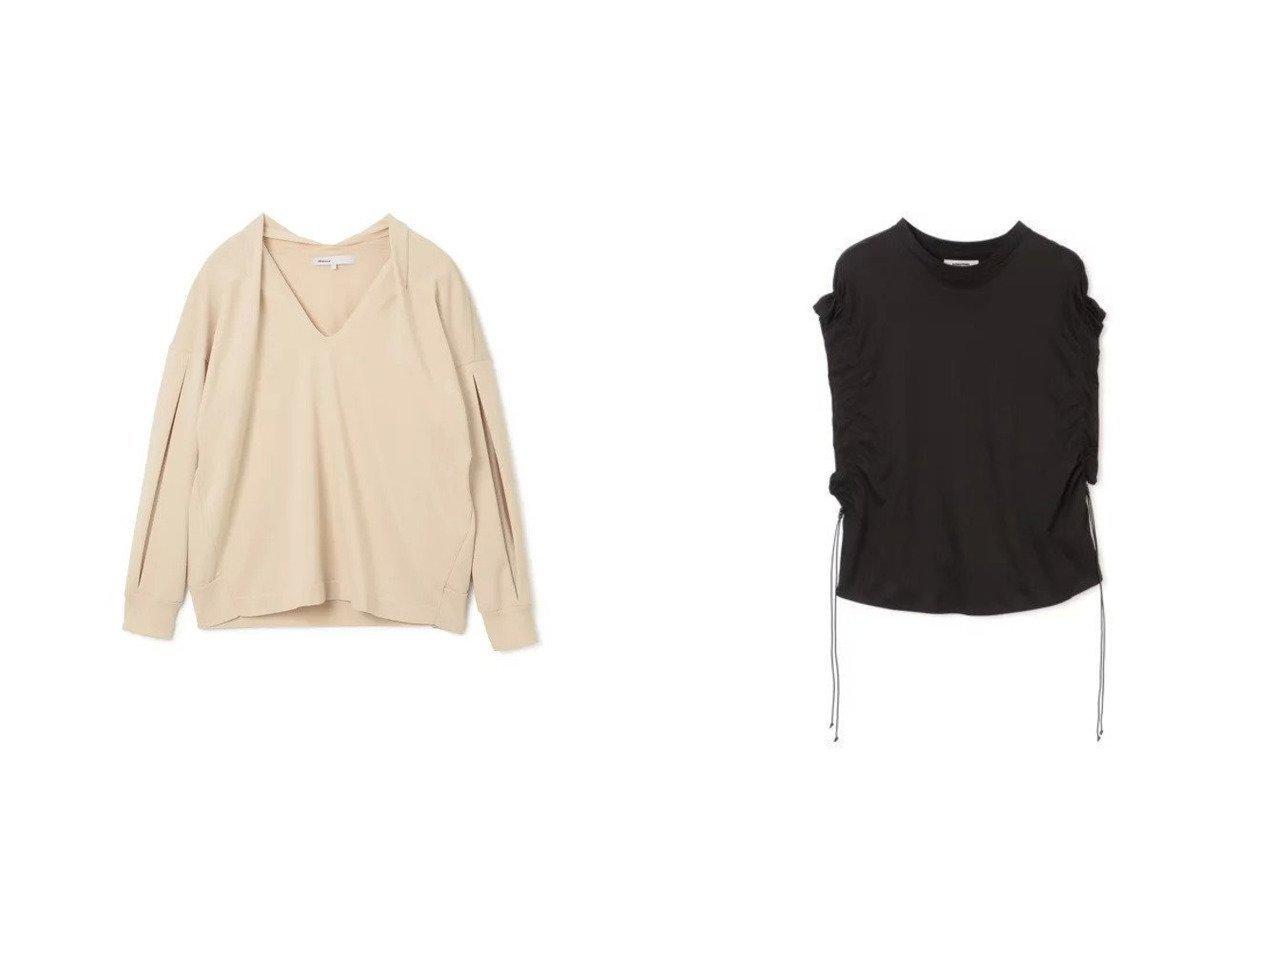 【08sircus/ゼロエイトサーカス】のAmossa tuck knit pullover&【LOKITHO/ロキト】のS トップス・カットソーのおすすめ!人気、トレンド・レディースファッションの通販 おすすめで人気の流行・トレンド、ファッションの通販商品 メンズファッション・キッズファッション・インテリア・家具・レディースファッション・服の通販 founy(ファニー) https://founy.com/ ファッション Fashion レディースファッション WOMEN トップス Tops Tshirt ニット Knit Tops シャツ/ブラウス Shirts Blouses ロング / Tシャツ T-Shirts プルオーバー Pullover カットソー Cut and Sewn キャミソール / ノースリーブ No Sleeves カットソー コンパクト 定番 長袖 ドレス ノースリーブ フォーマル  ID:crp329100000009295